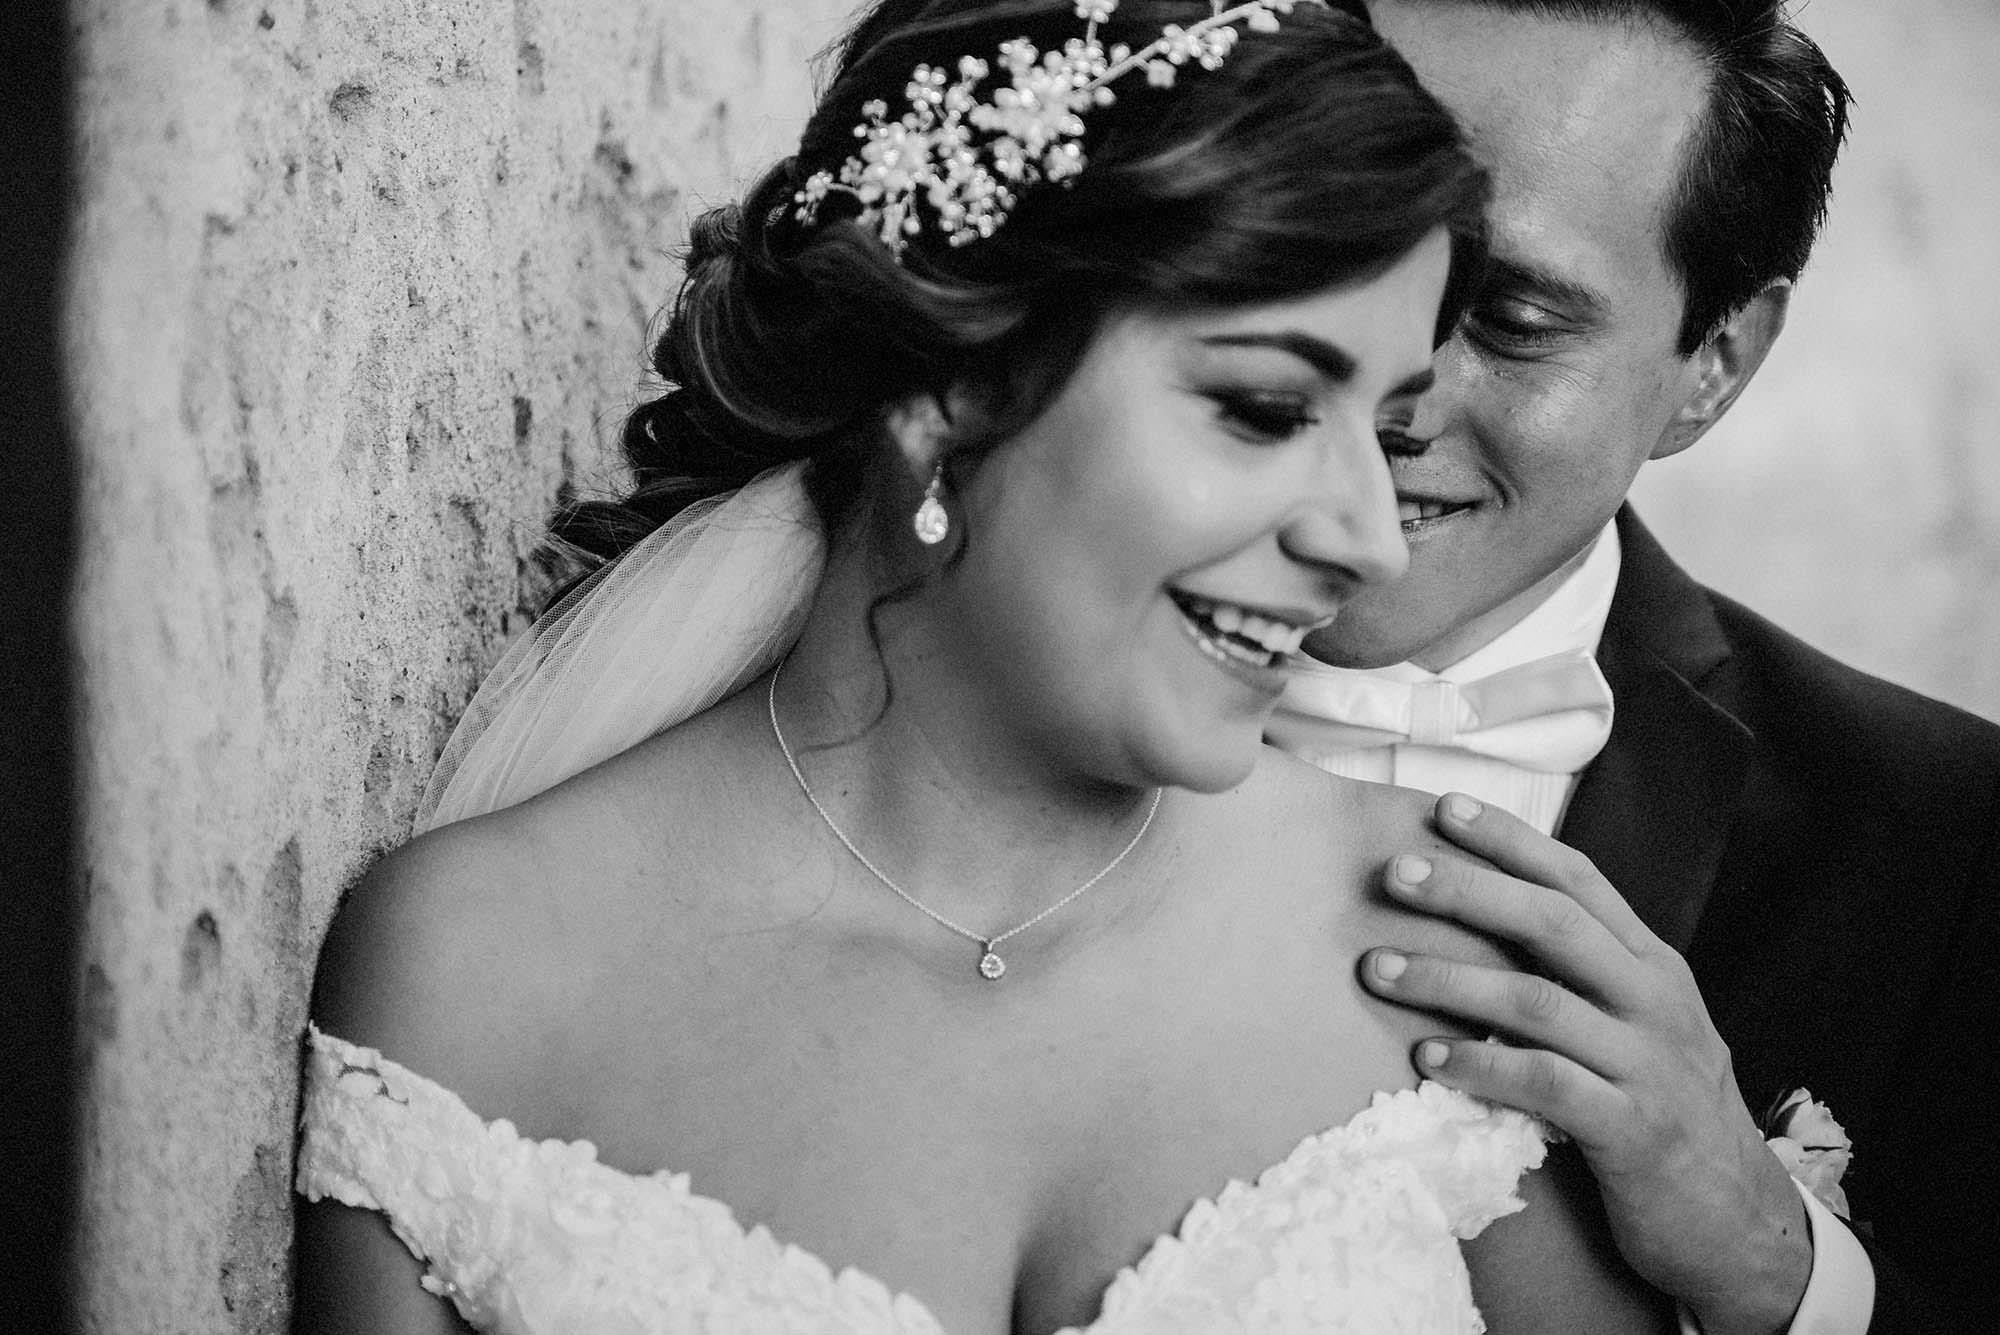 Boda Queretaro hacienda wedding planner magali espinosa fotografo 13-WEB.jpg